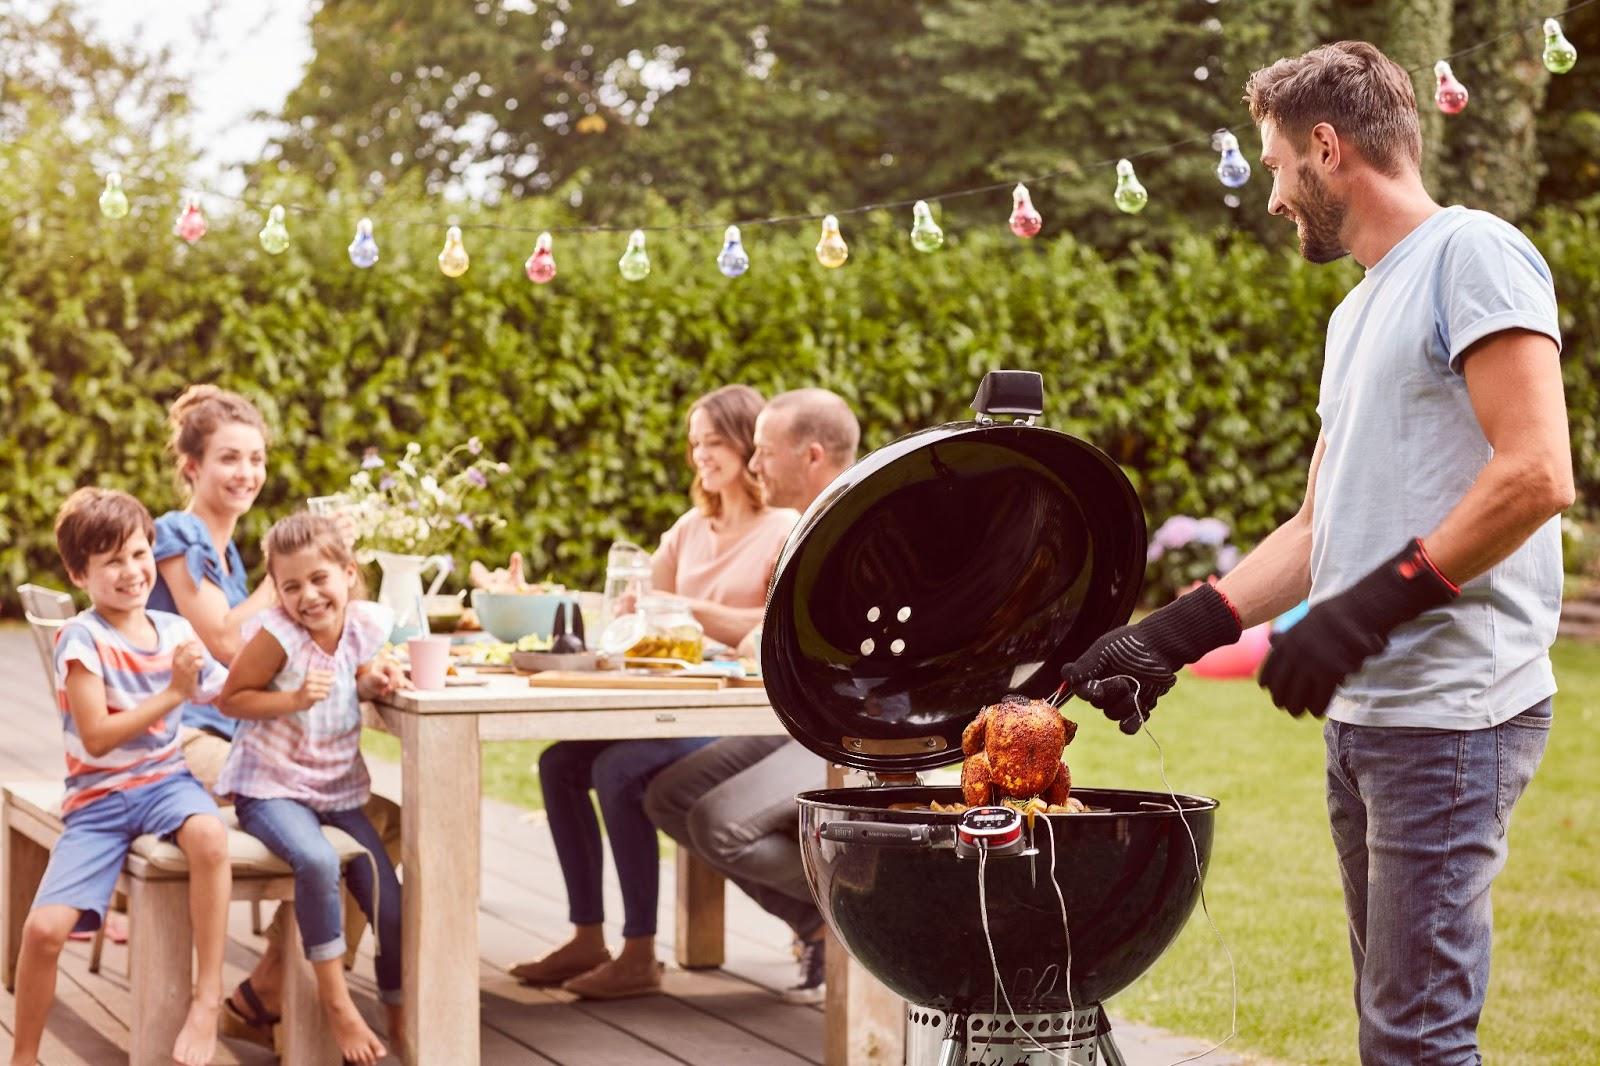 Rodzina zdziećmi, siedząca przy ogrodowym stole przy grillu.